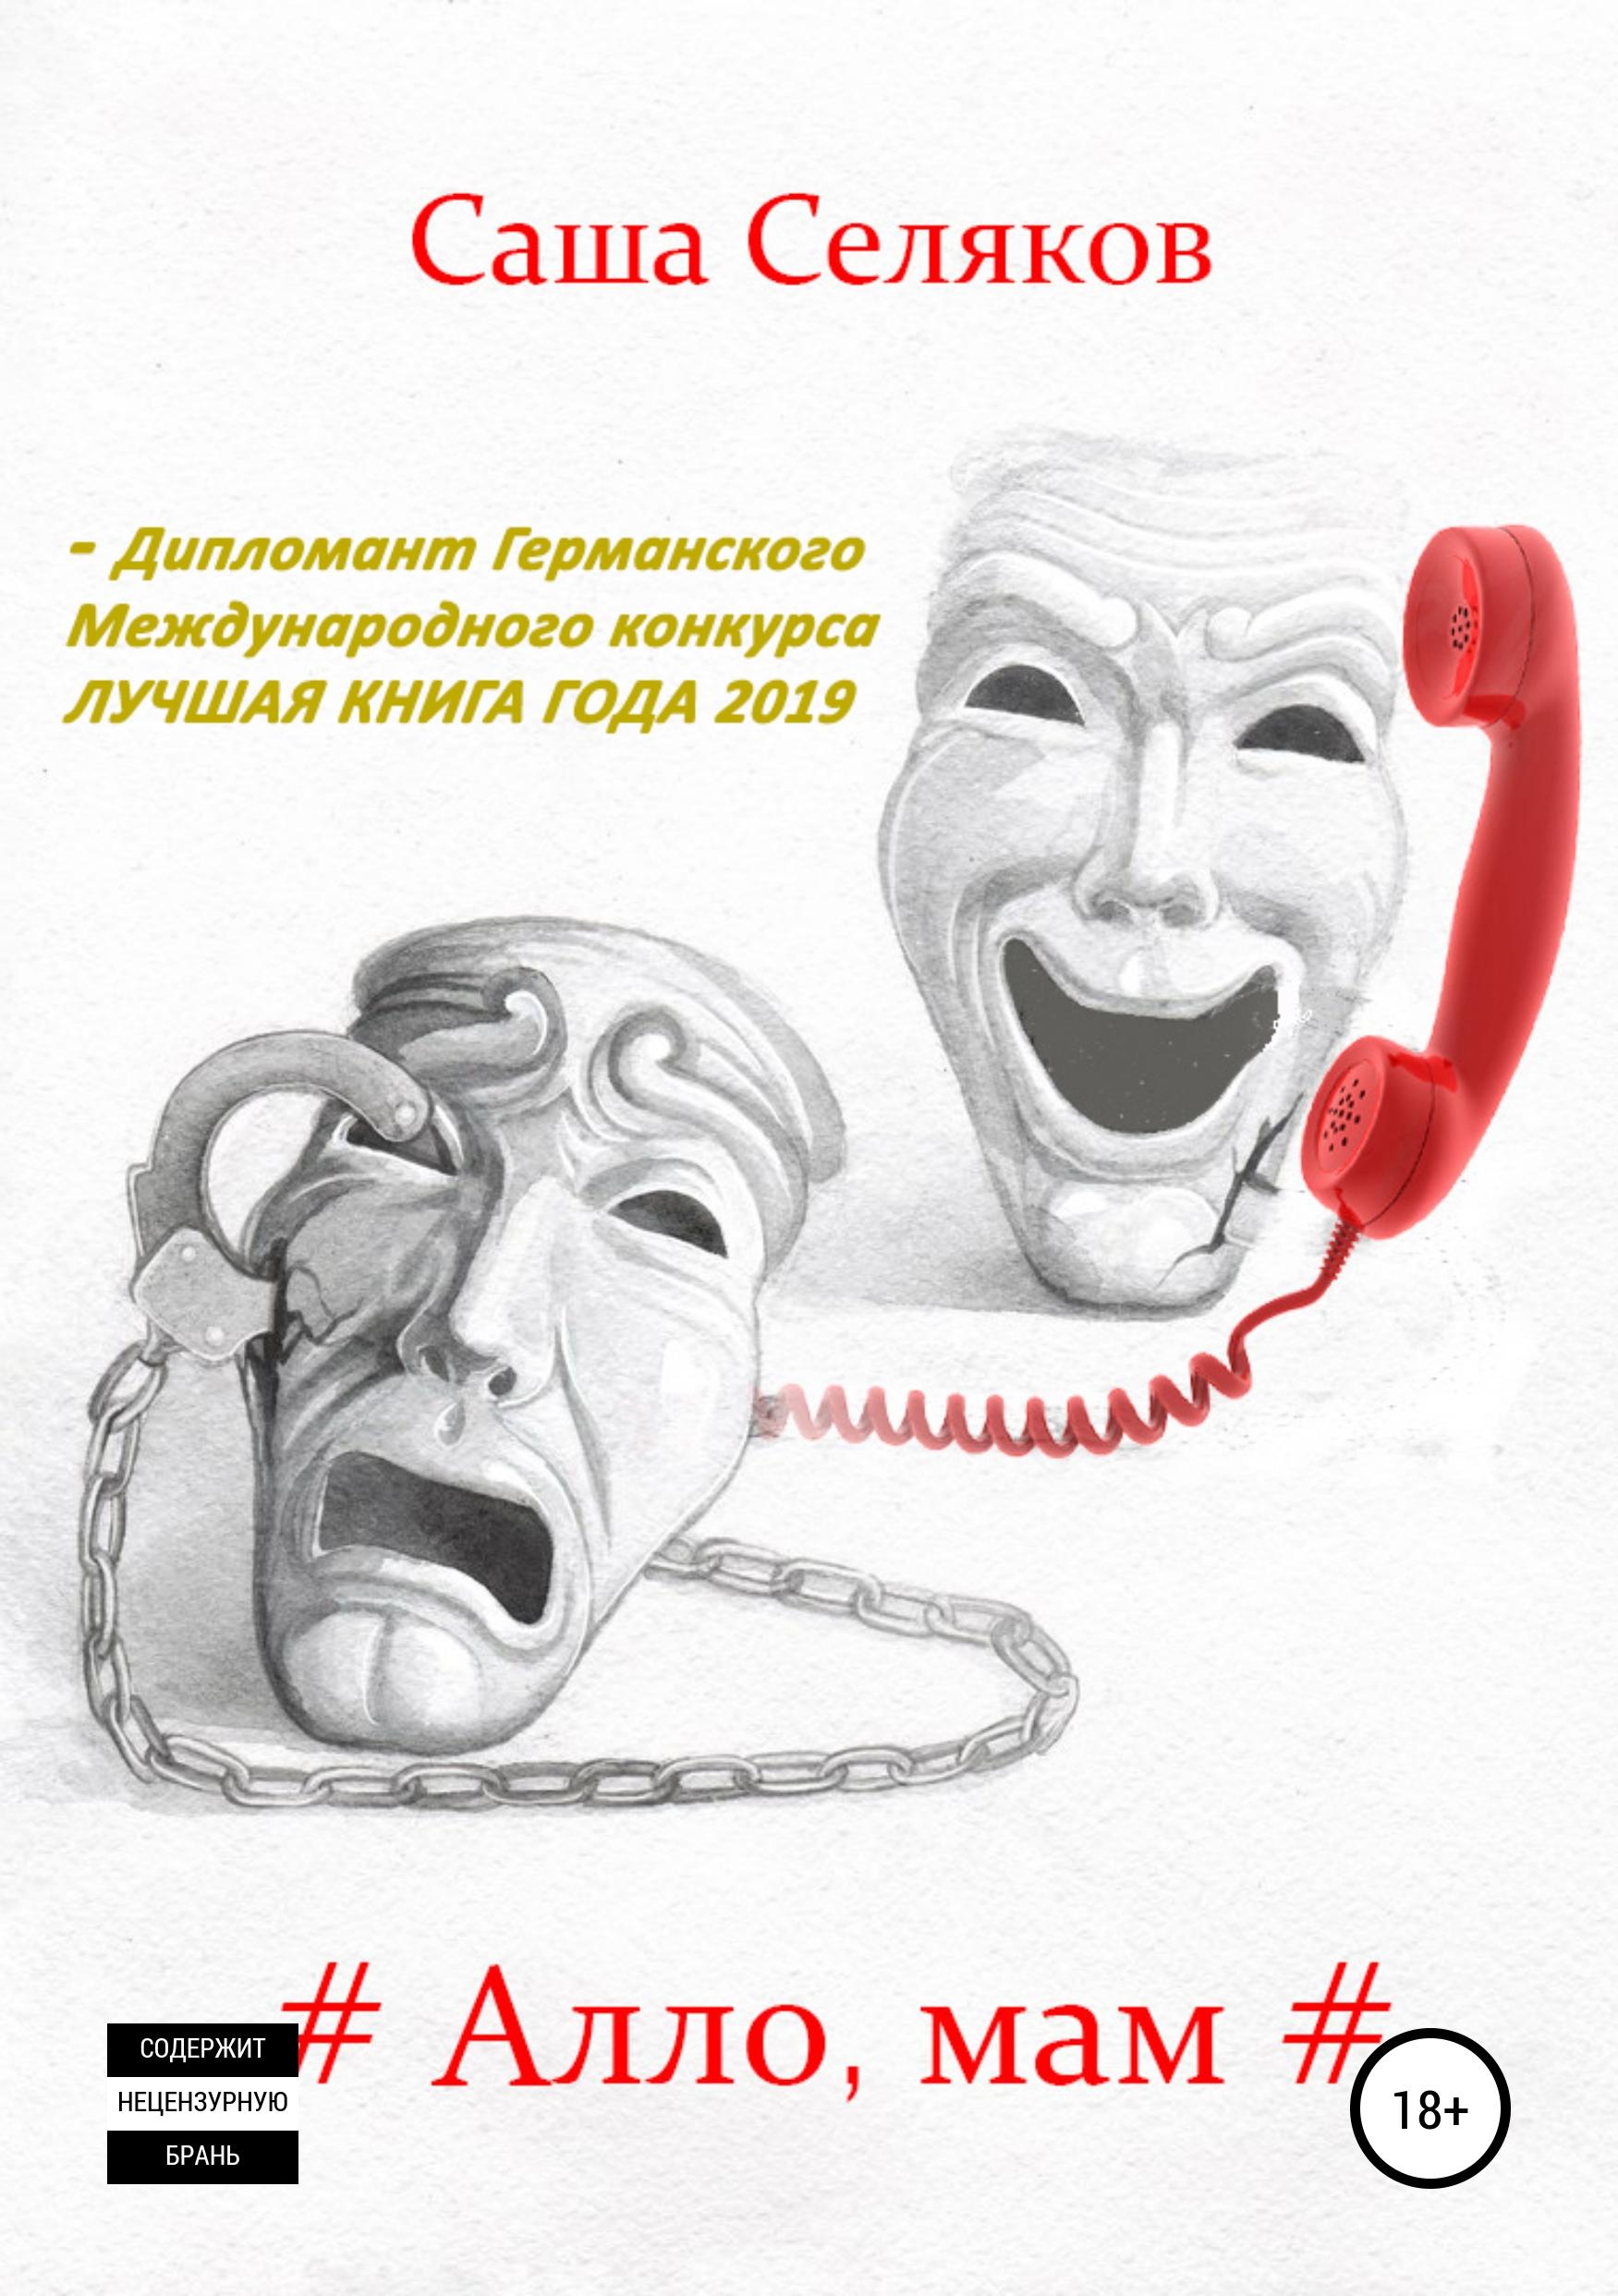 Саша Селяков #Алло, мам# саша селяков алло мам